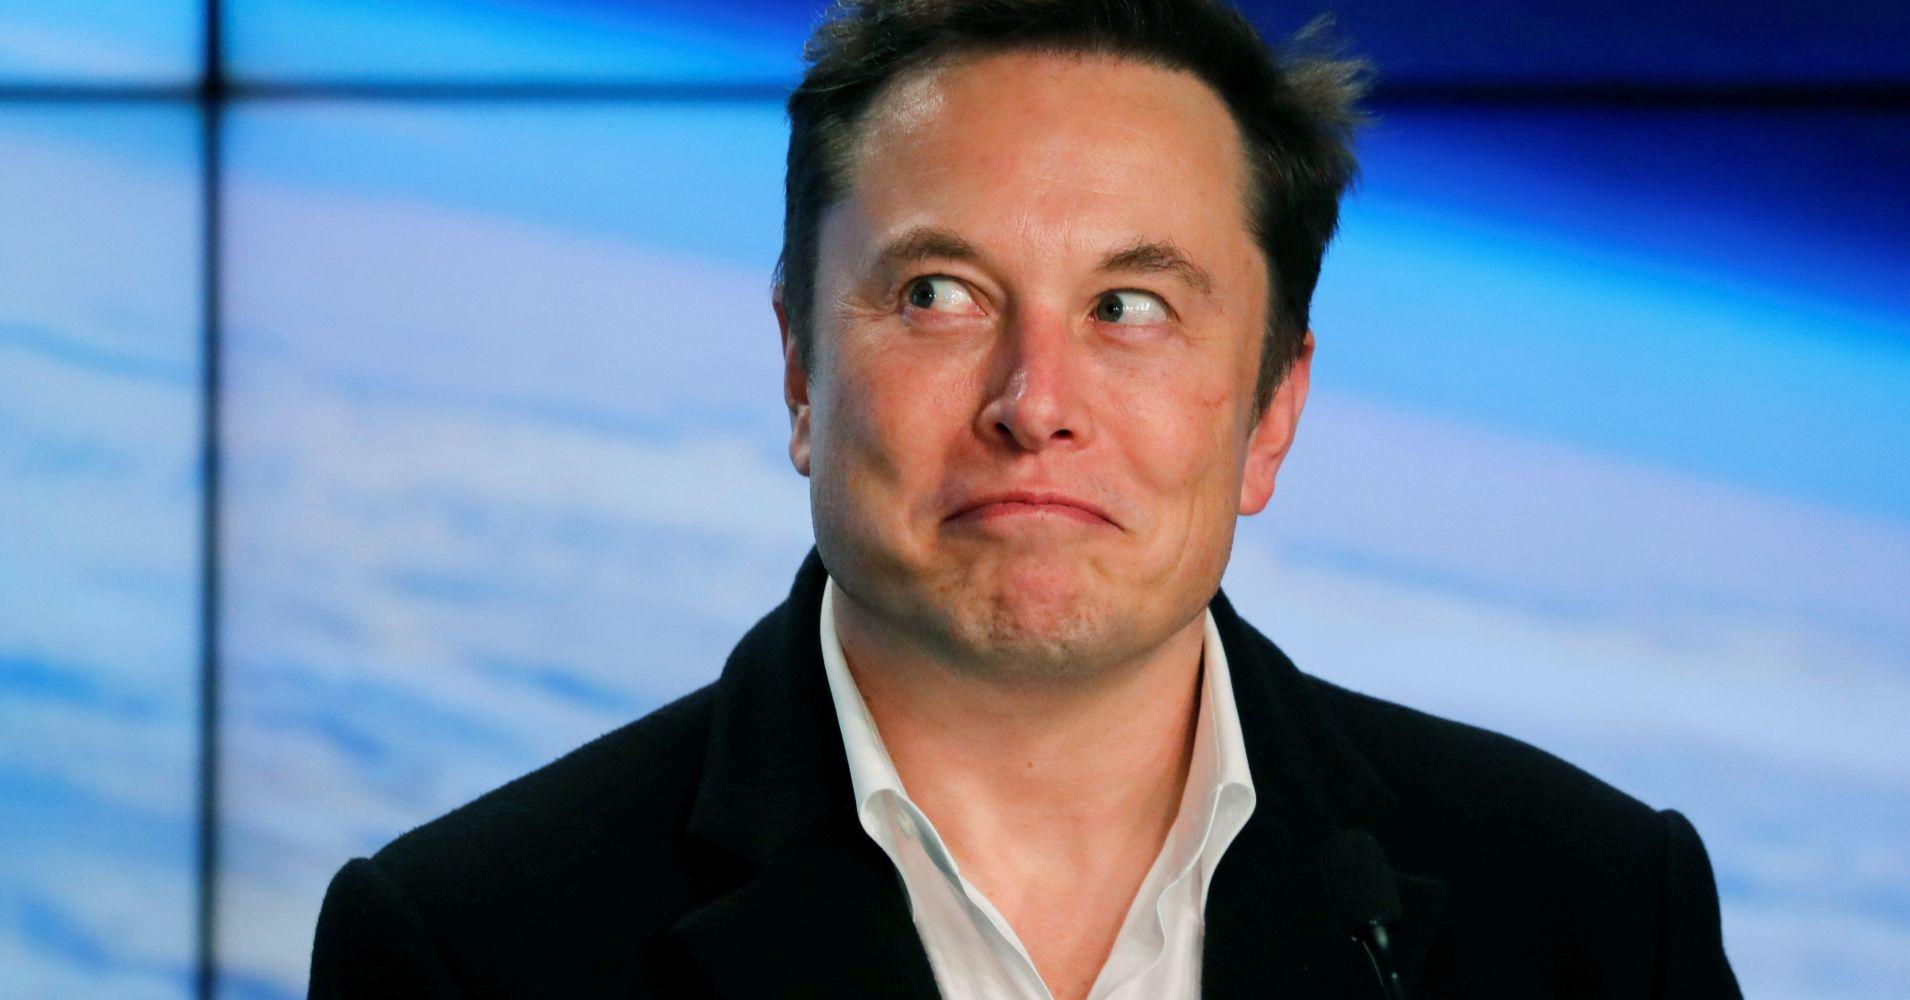 Хакеры взломали Twitter ипросили биткойны через Илона Маска и Билла Гейтса [Обновлено]